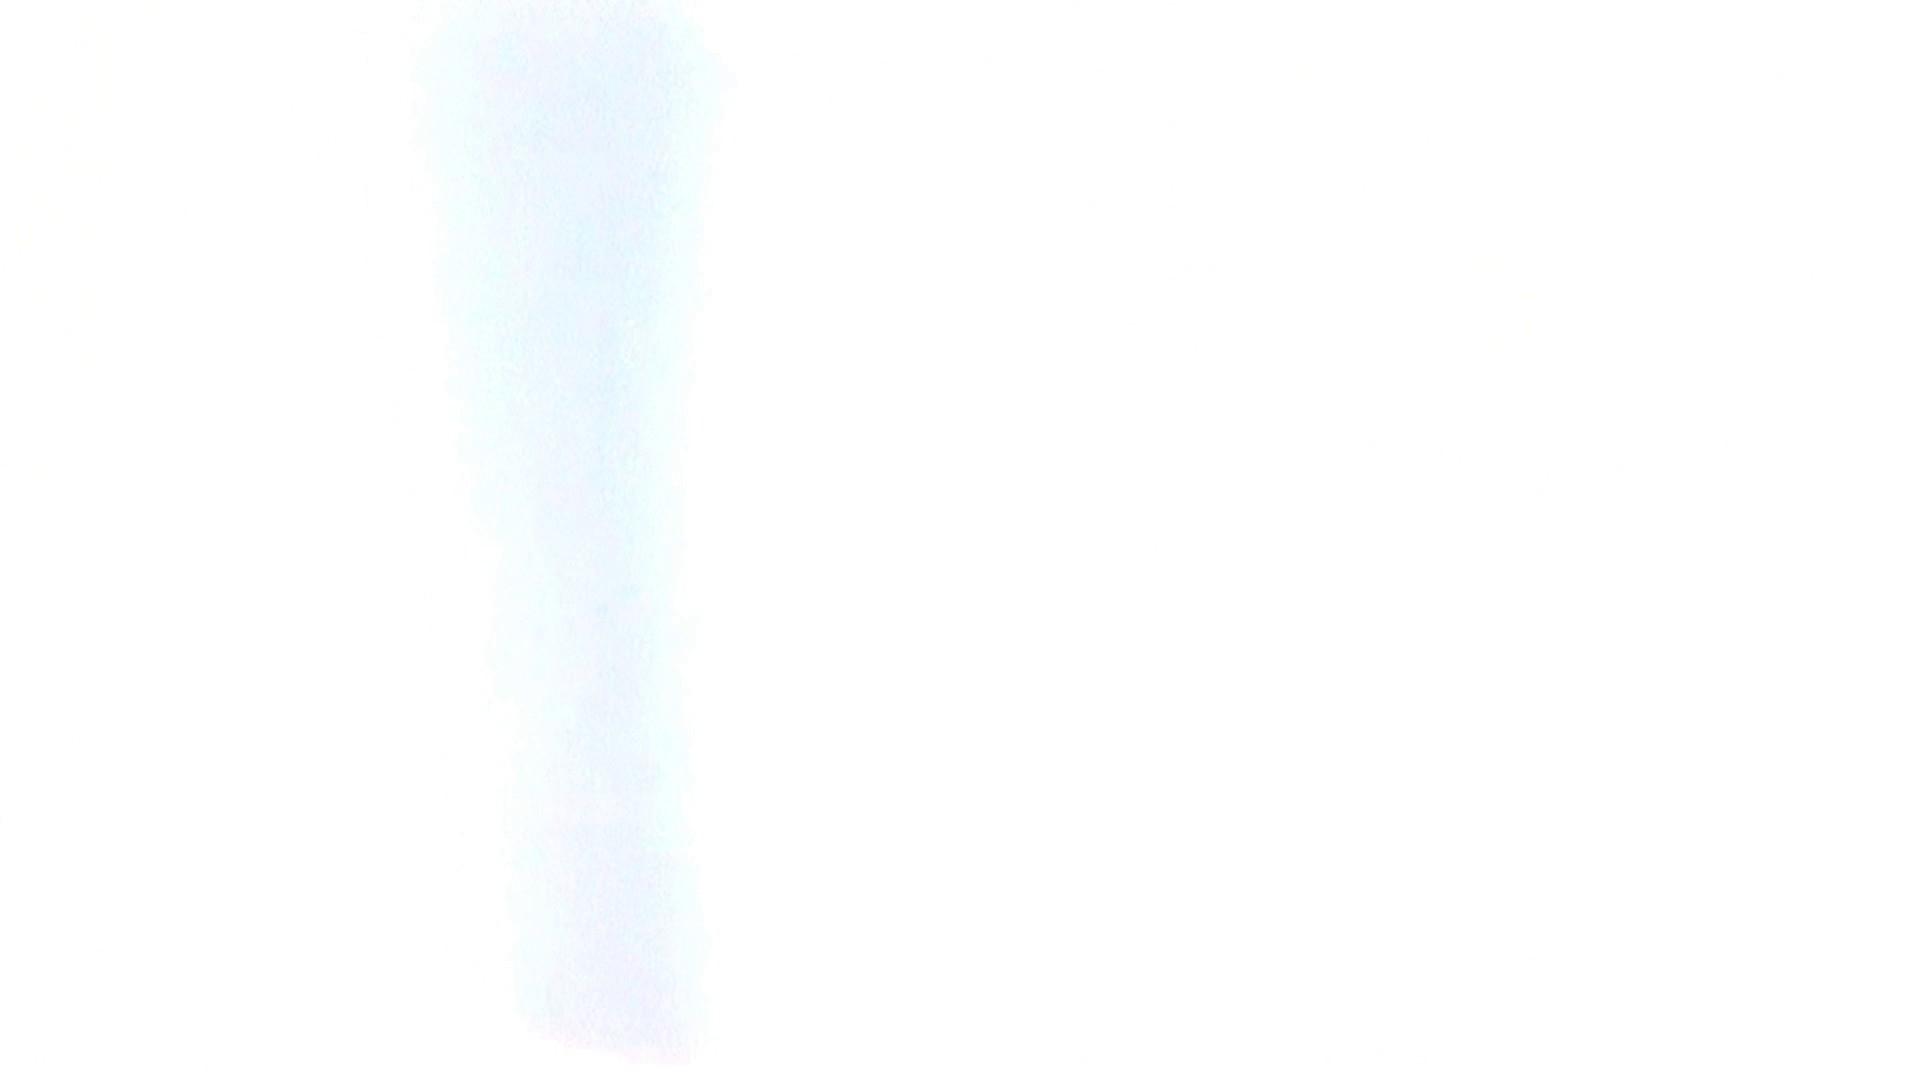 ※100個限定販売 至高下半身盗撮 プレミアム Vol.13 ハイビジョン 期間限定シリーズ オメコ動画キャプチャ 113画像 44